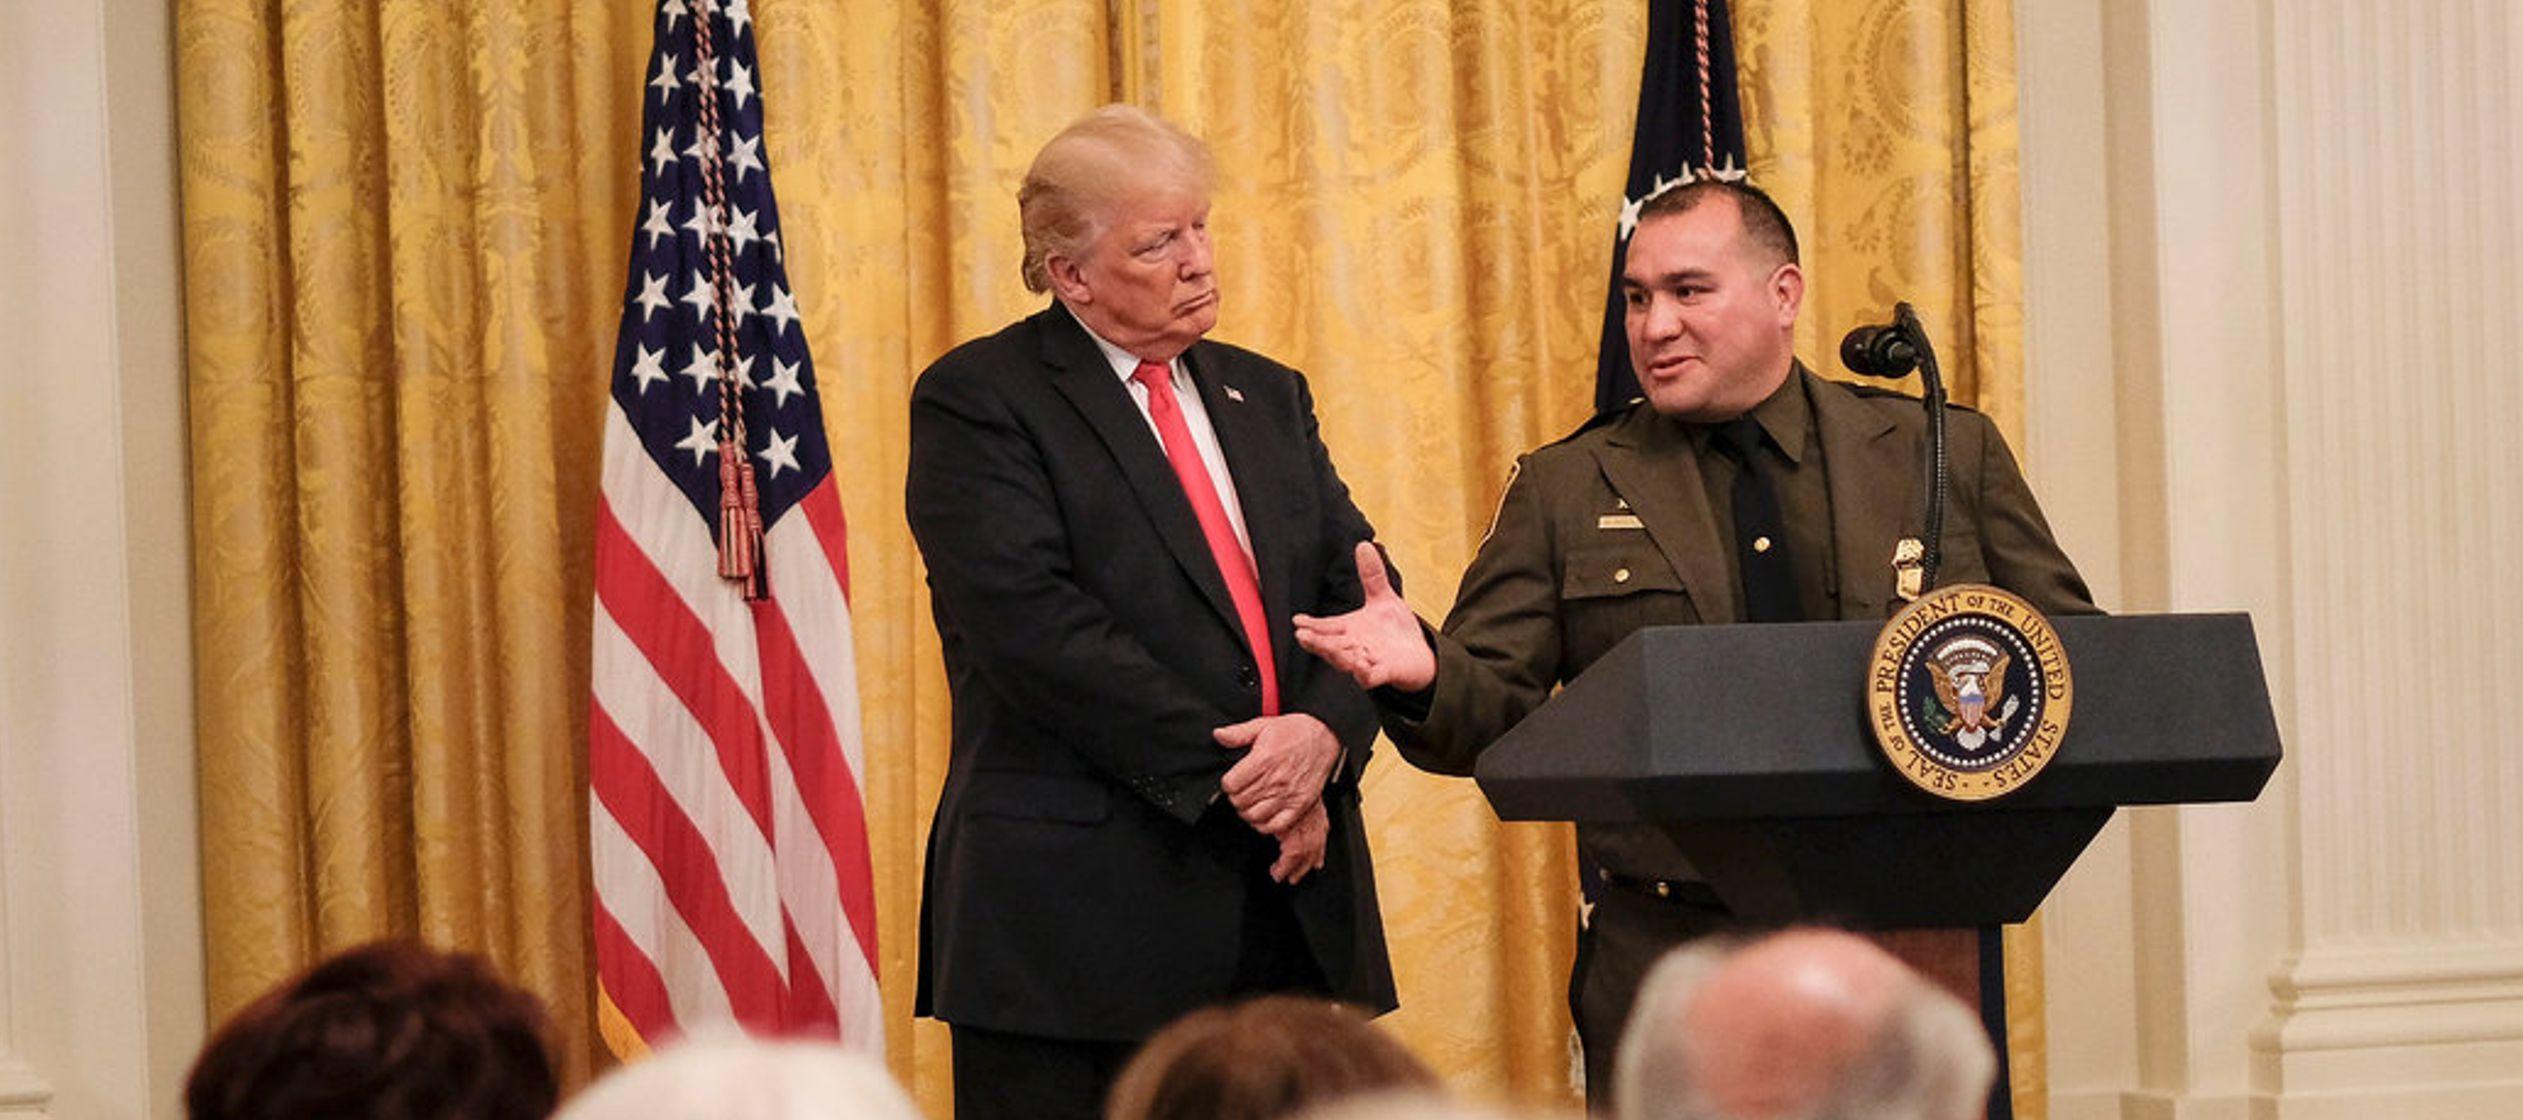 Habla inglés perfecto': el comentario racial de Trump a un agente fronterizo